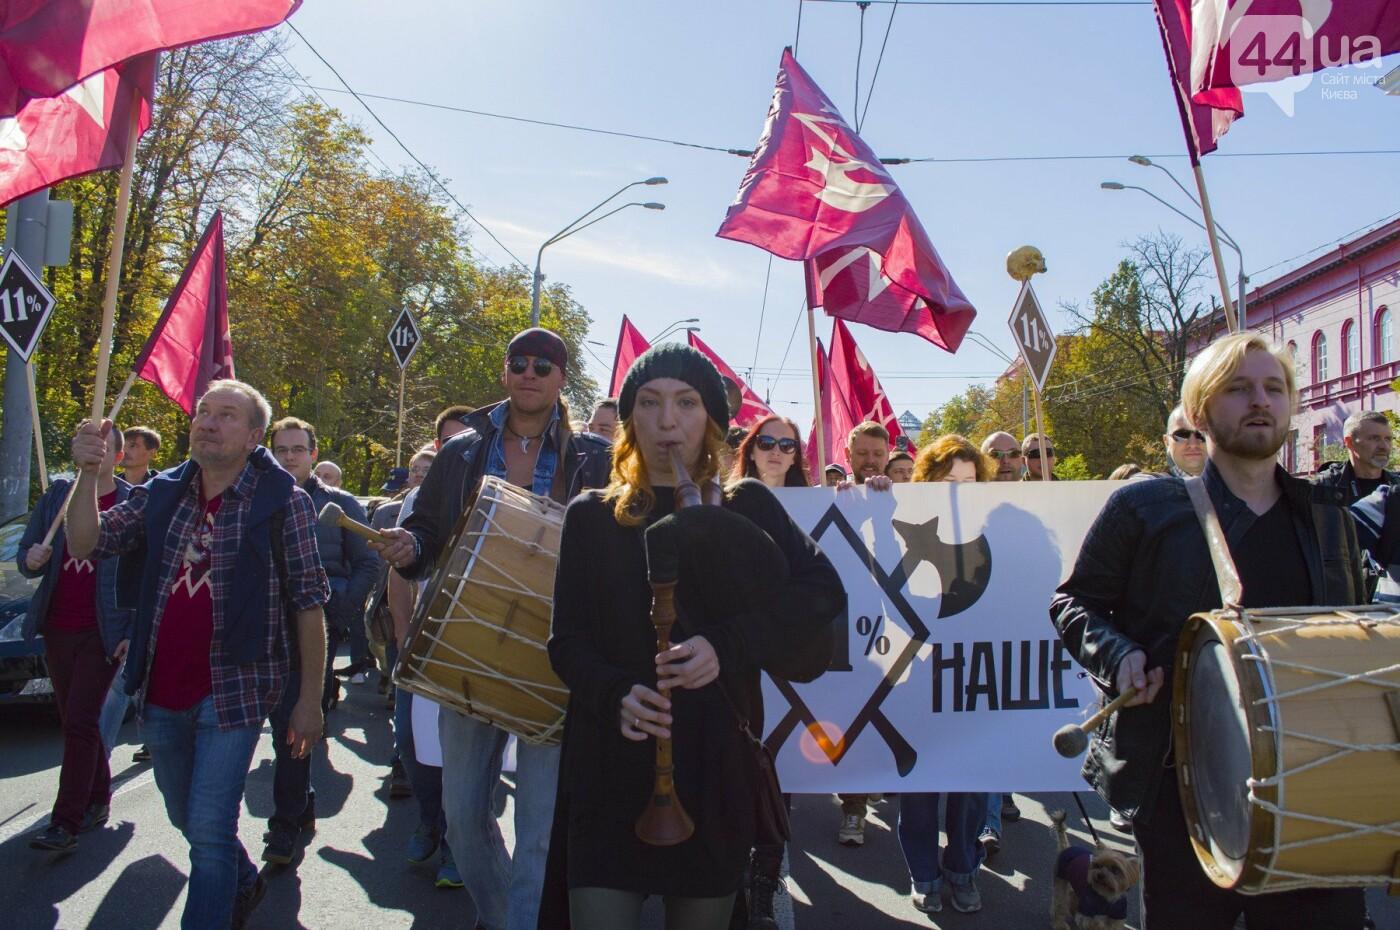 С волынкой, барабанами и черепом: как в Киеве люди митинговали за право на самооборону, фото-7